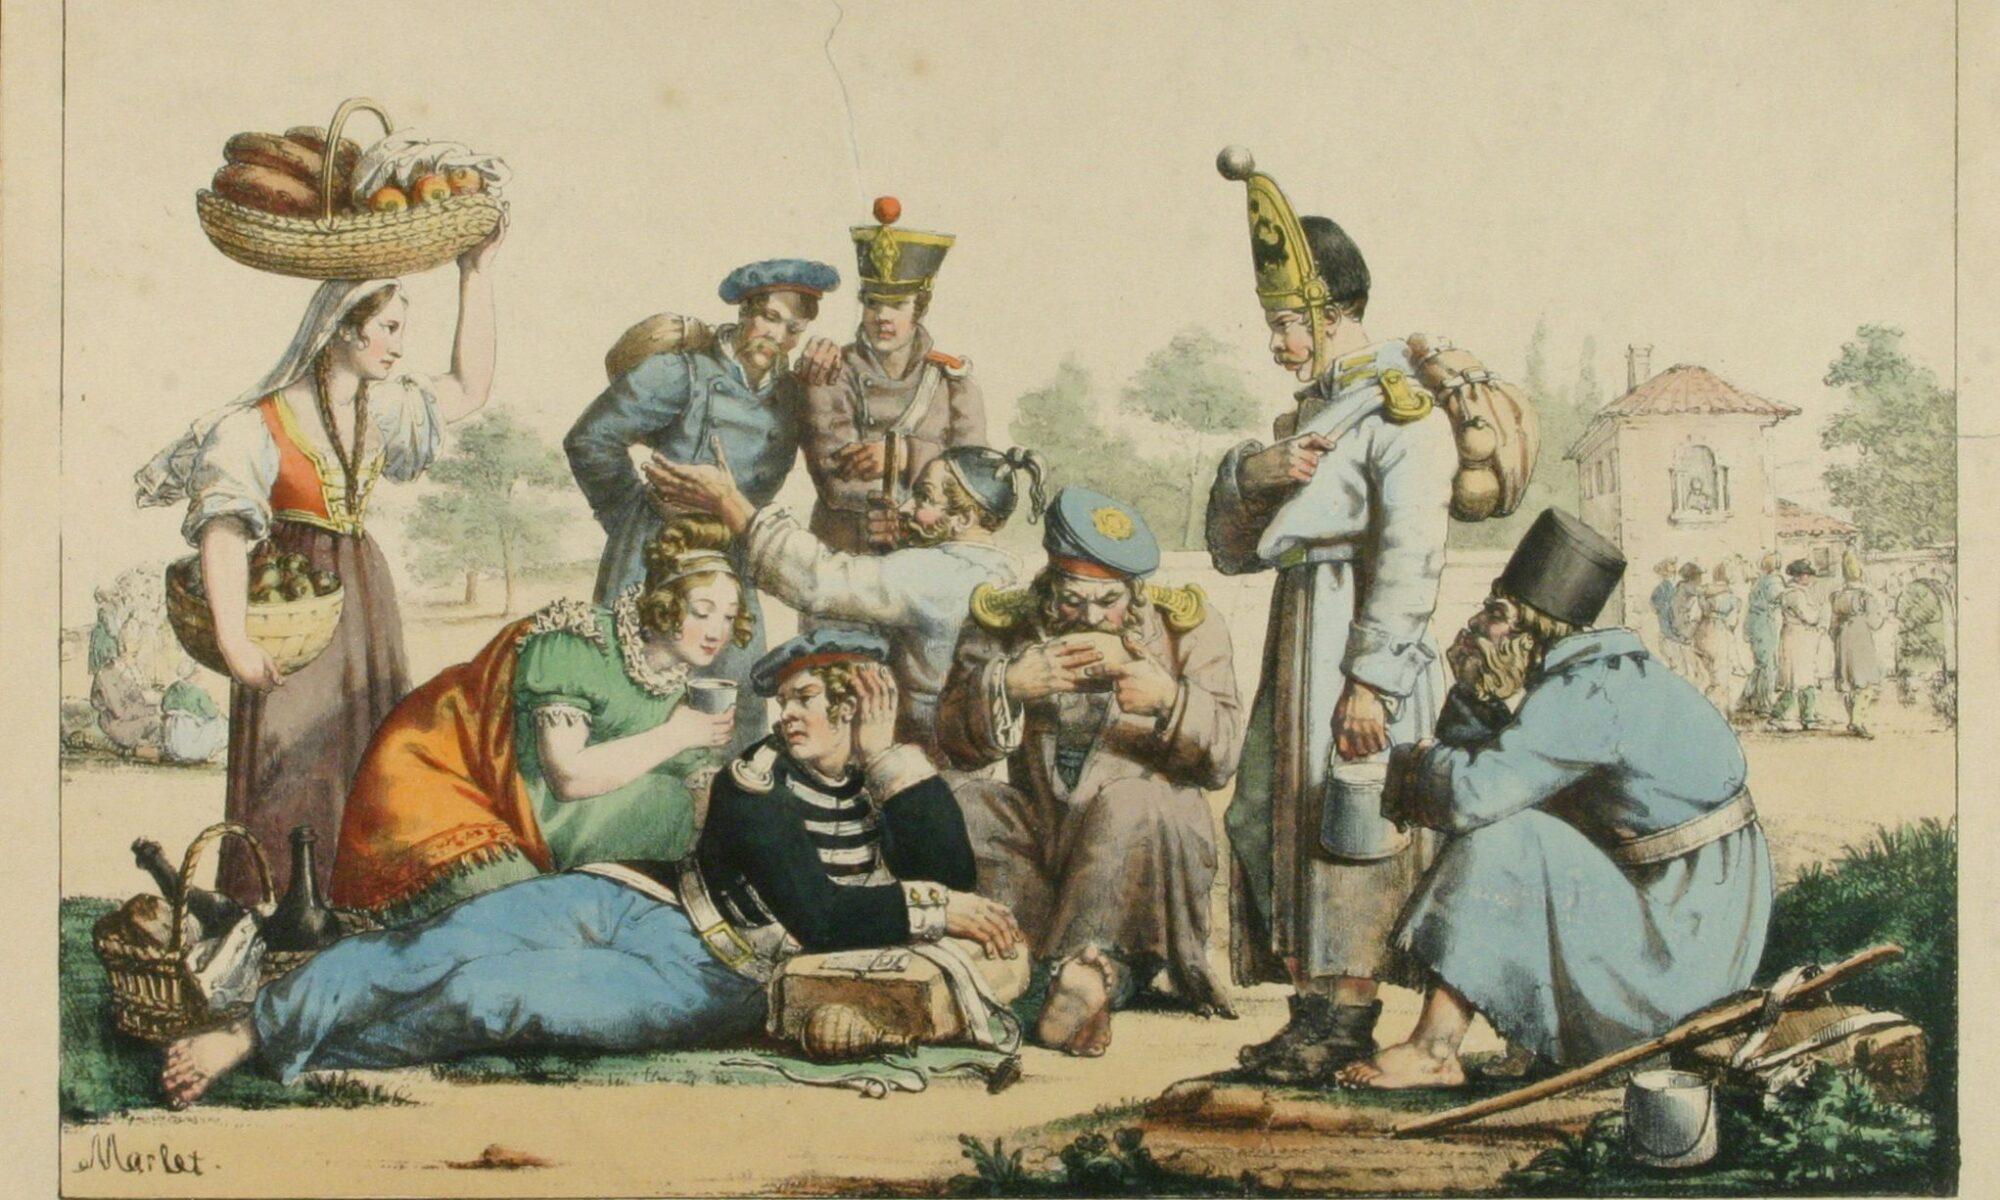 Русские и австрийские пленные во Франции в 1814 г. Литография Марле, 1814 г.